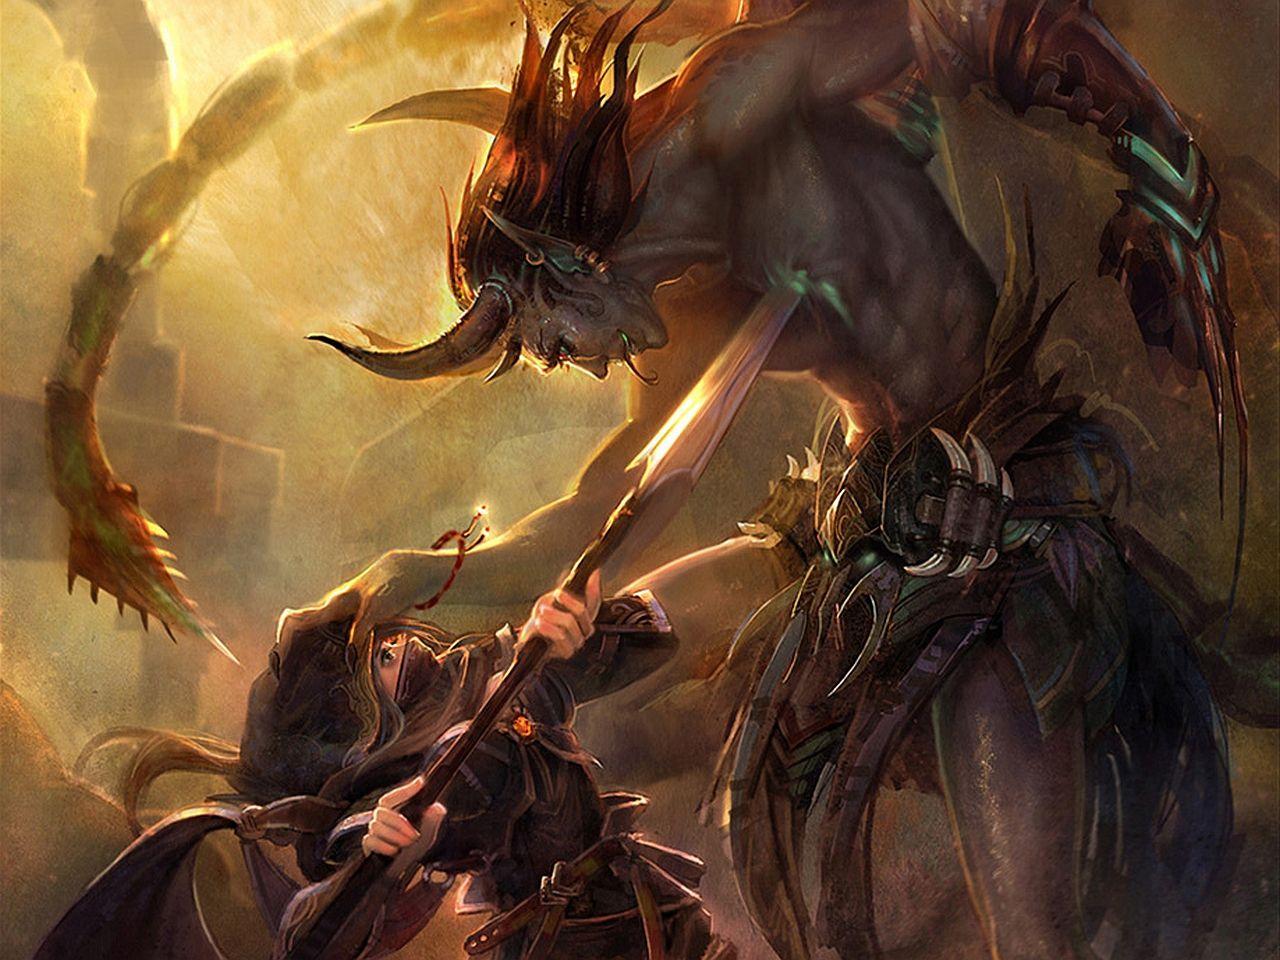 картинки с воинами демонами